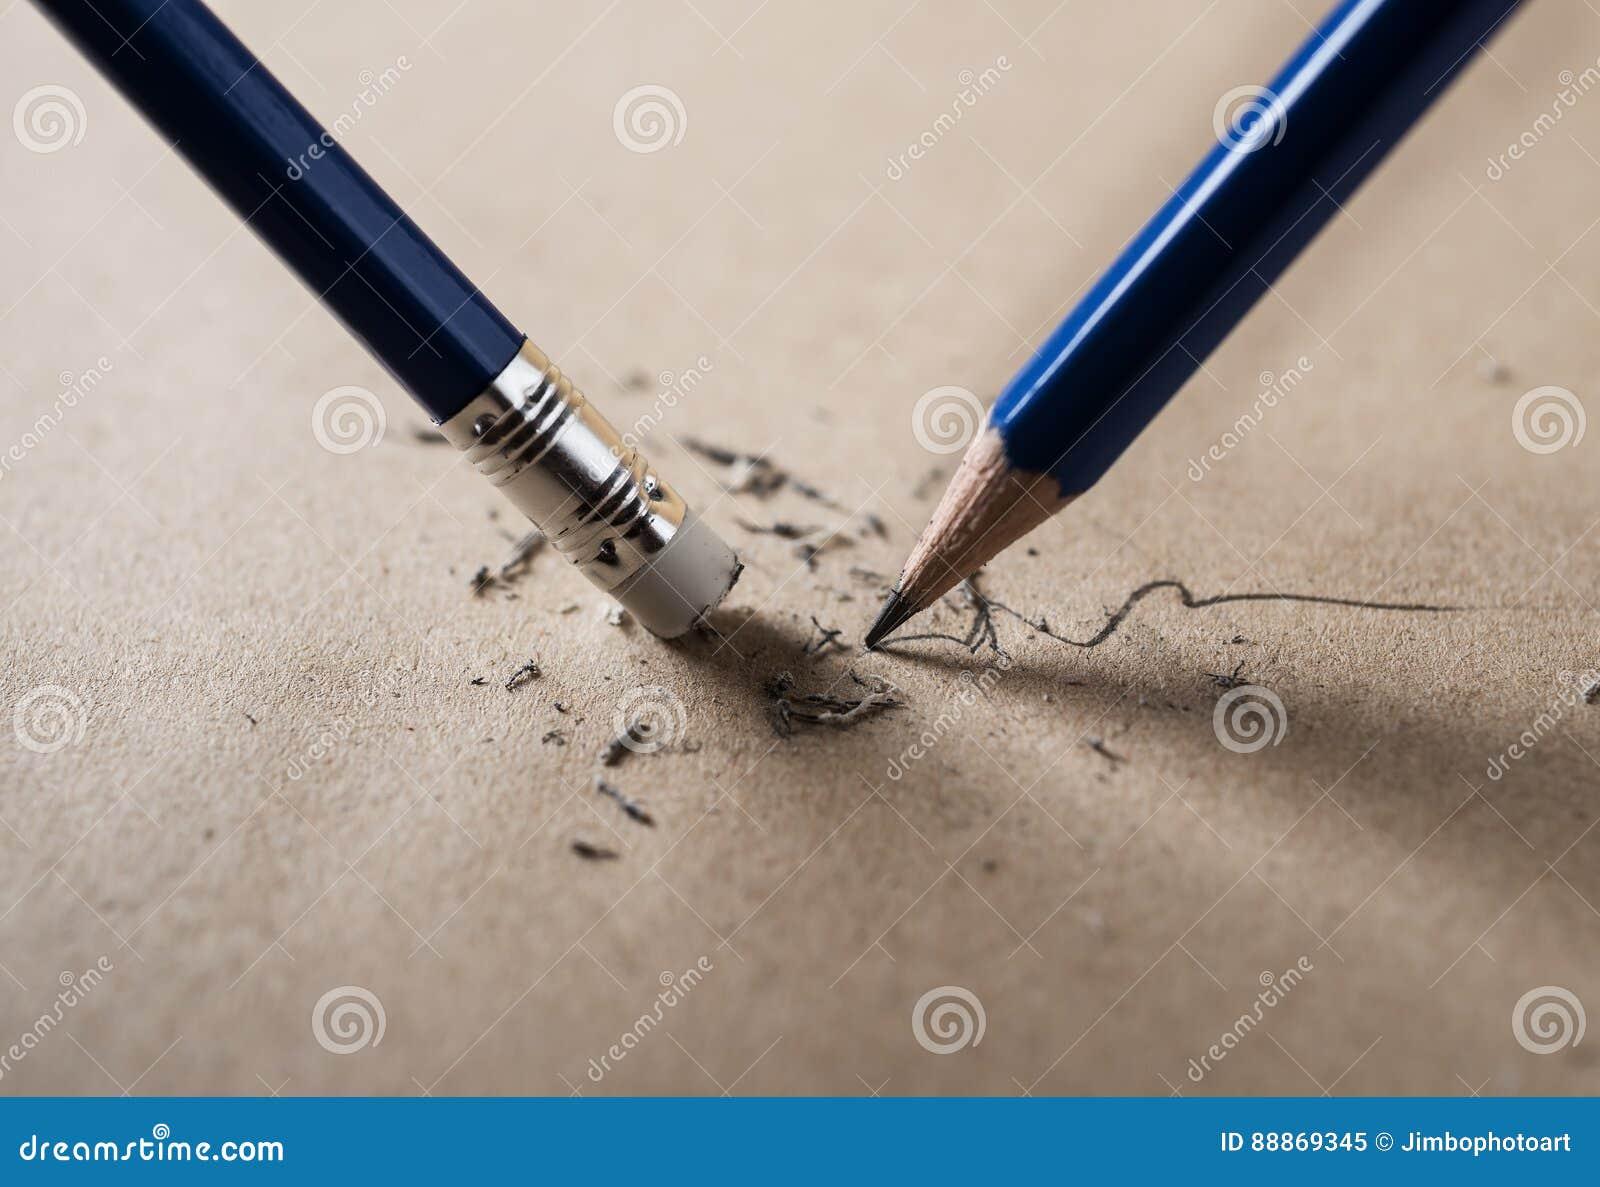 Schrijf gescherpt en wis concept